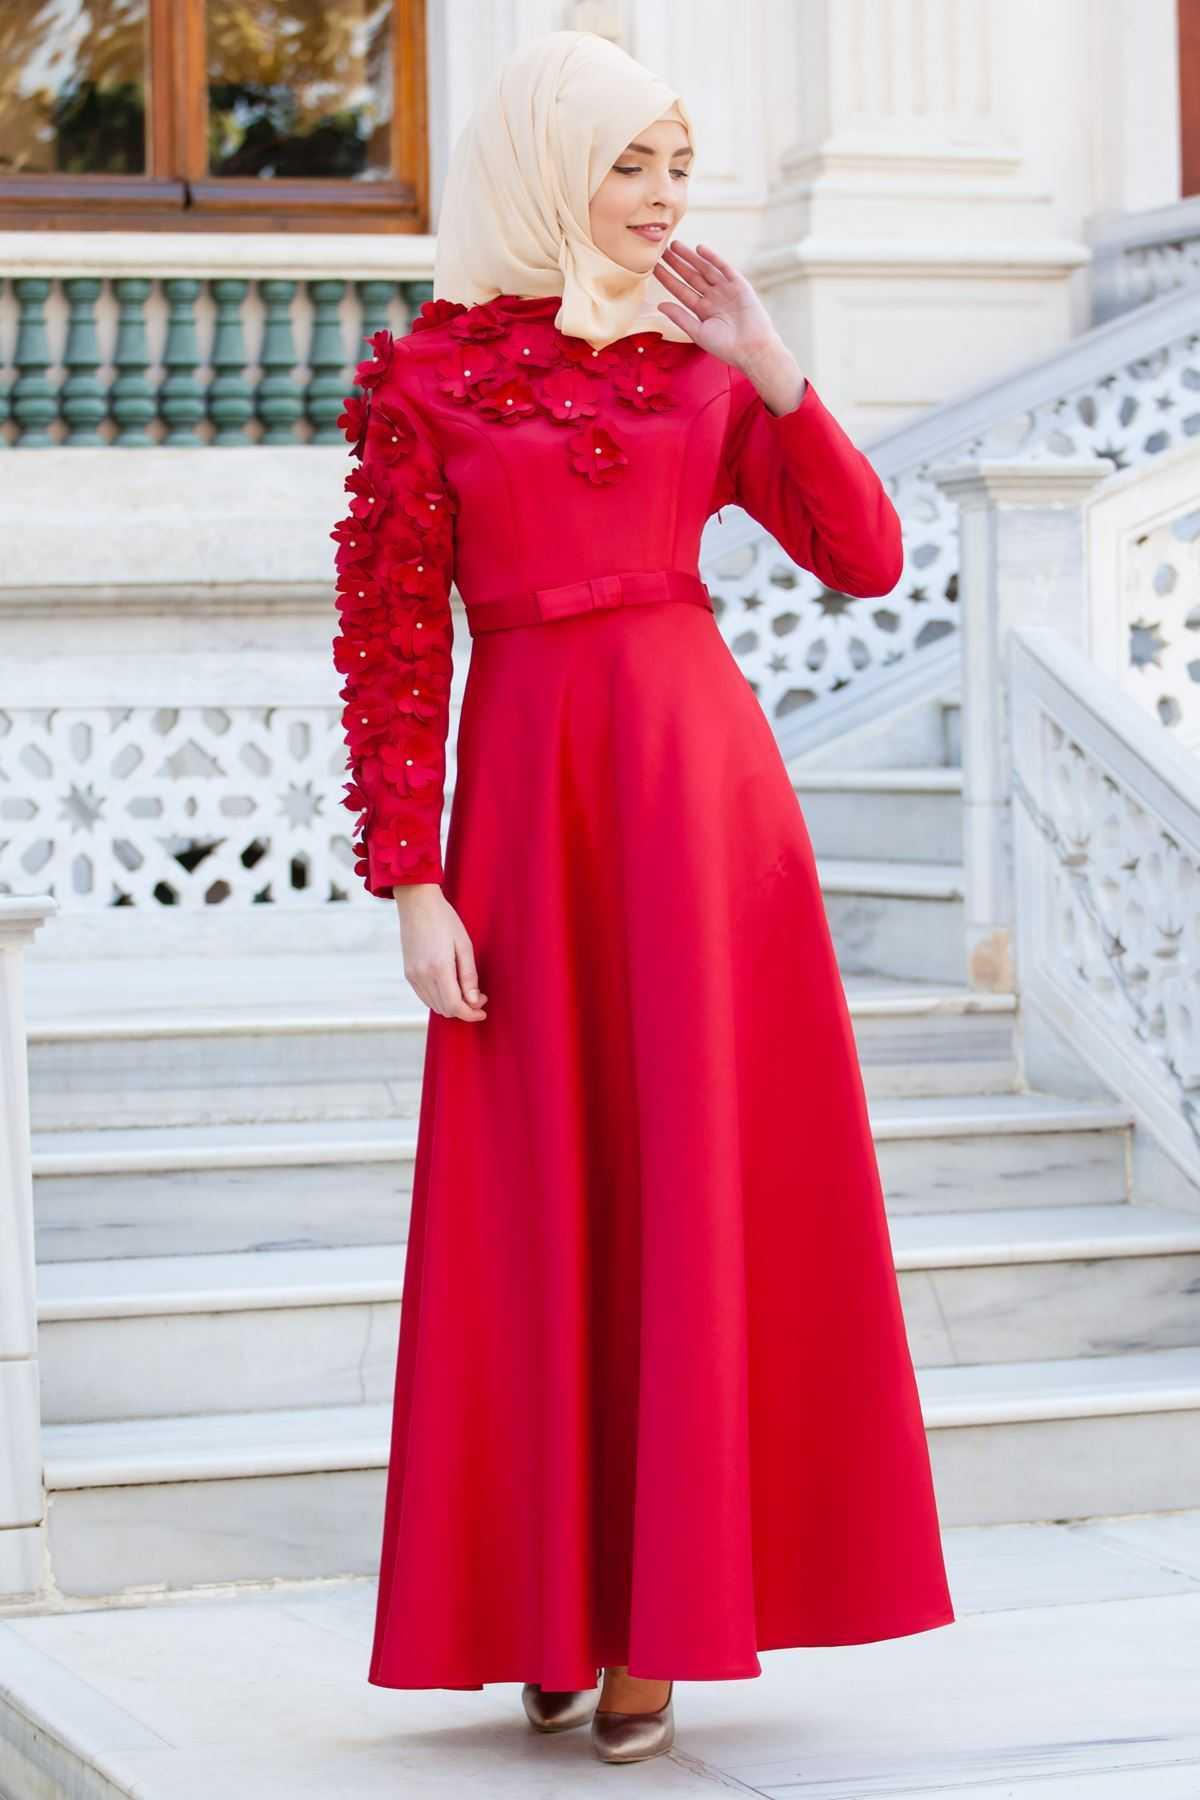 Sedanur Kırmızı Tesettür Abiye Elbise Modelleri